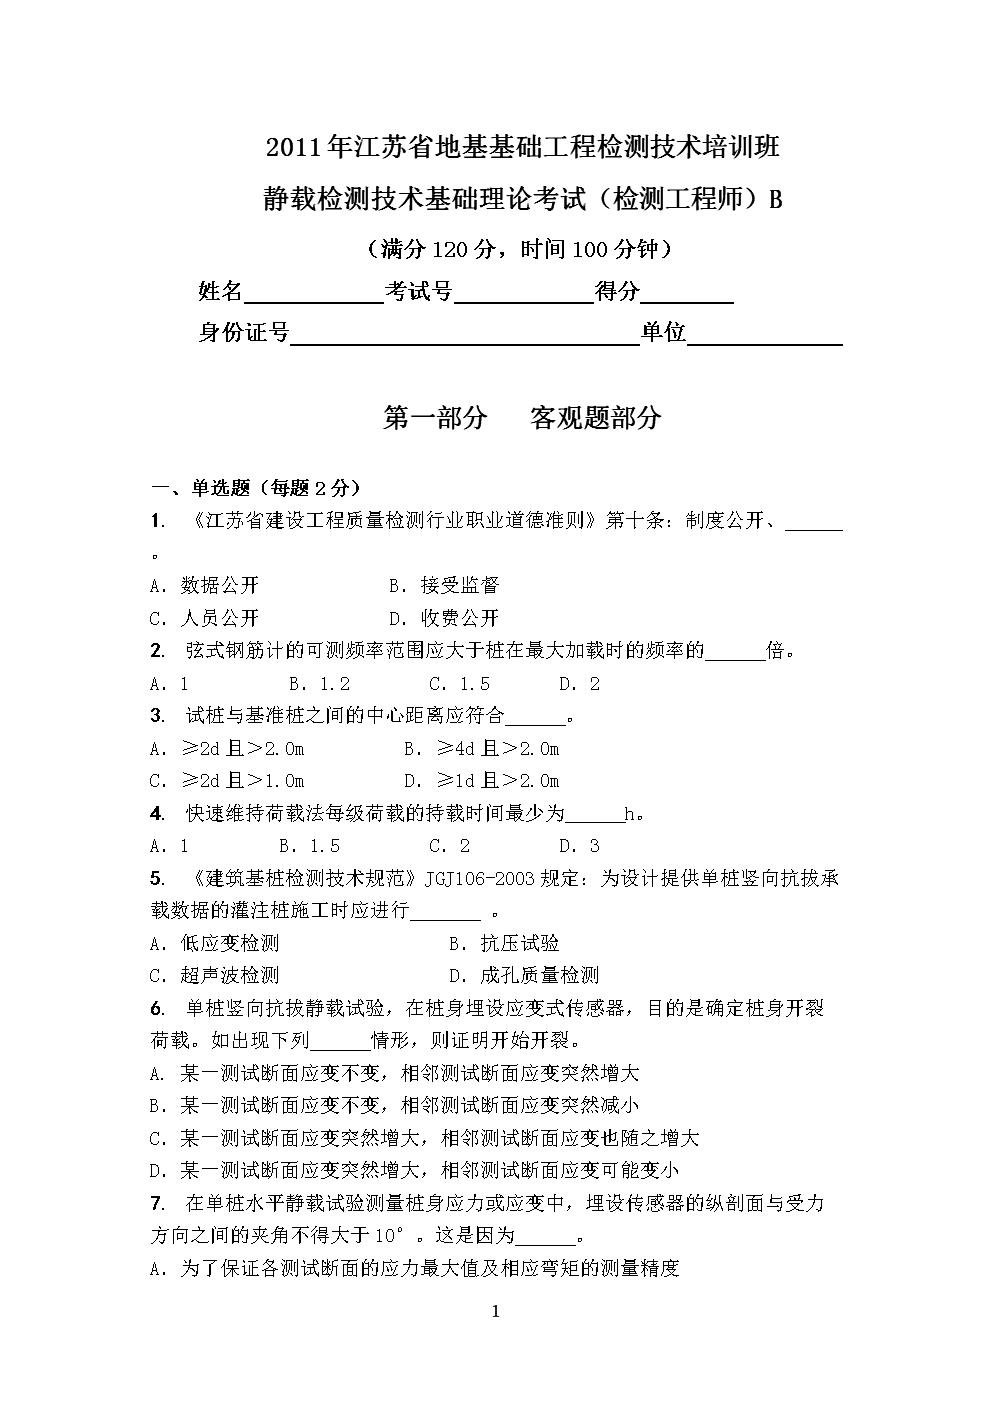 静载检测技术基础理论考试(师)B.doc